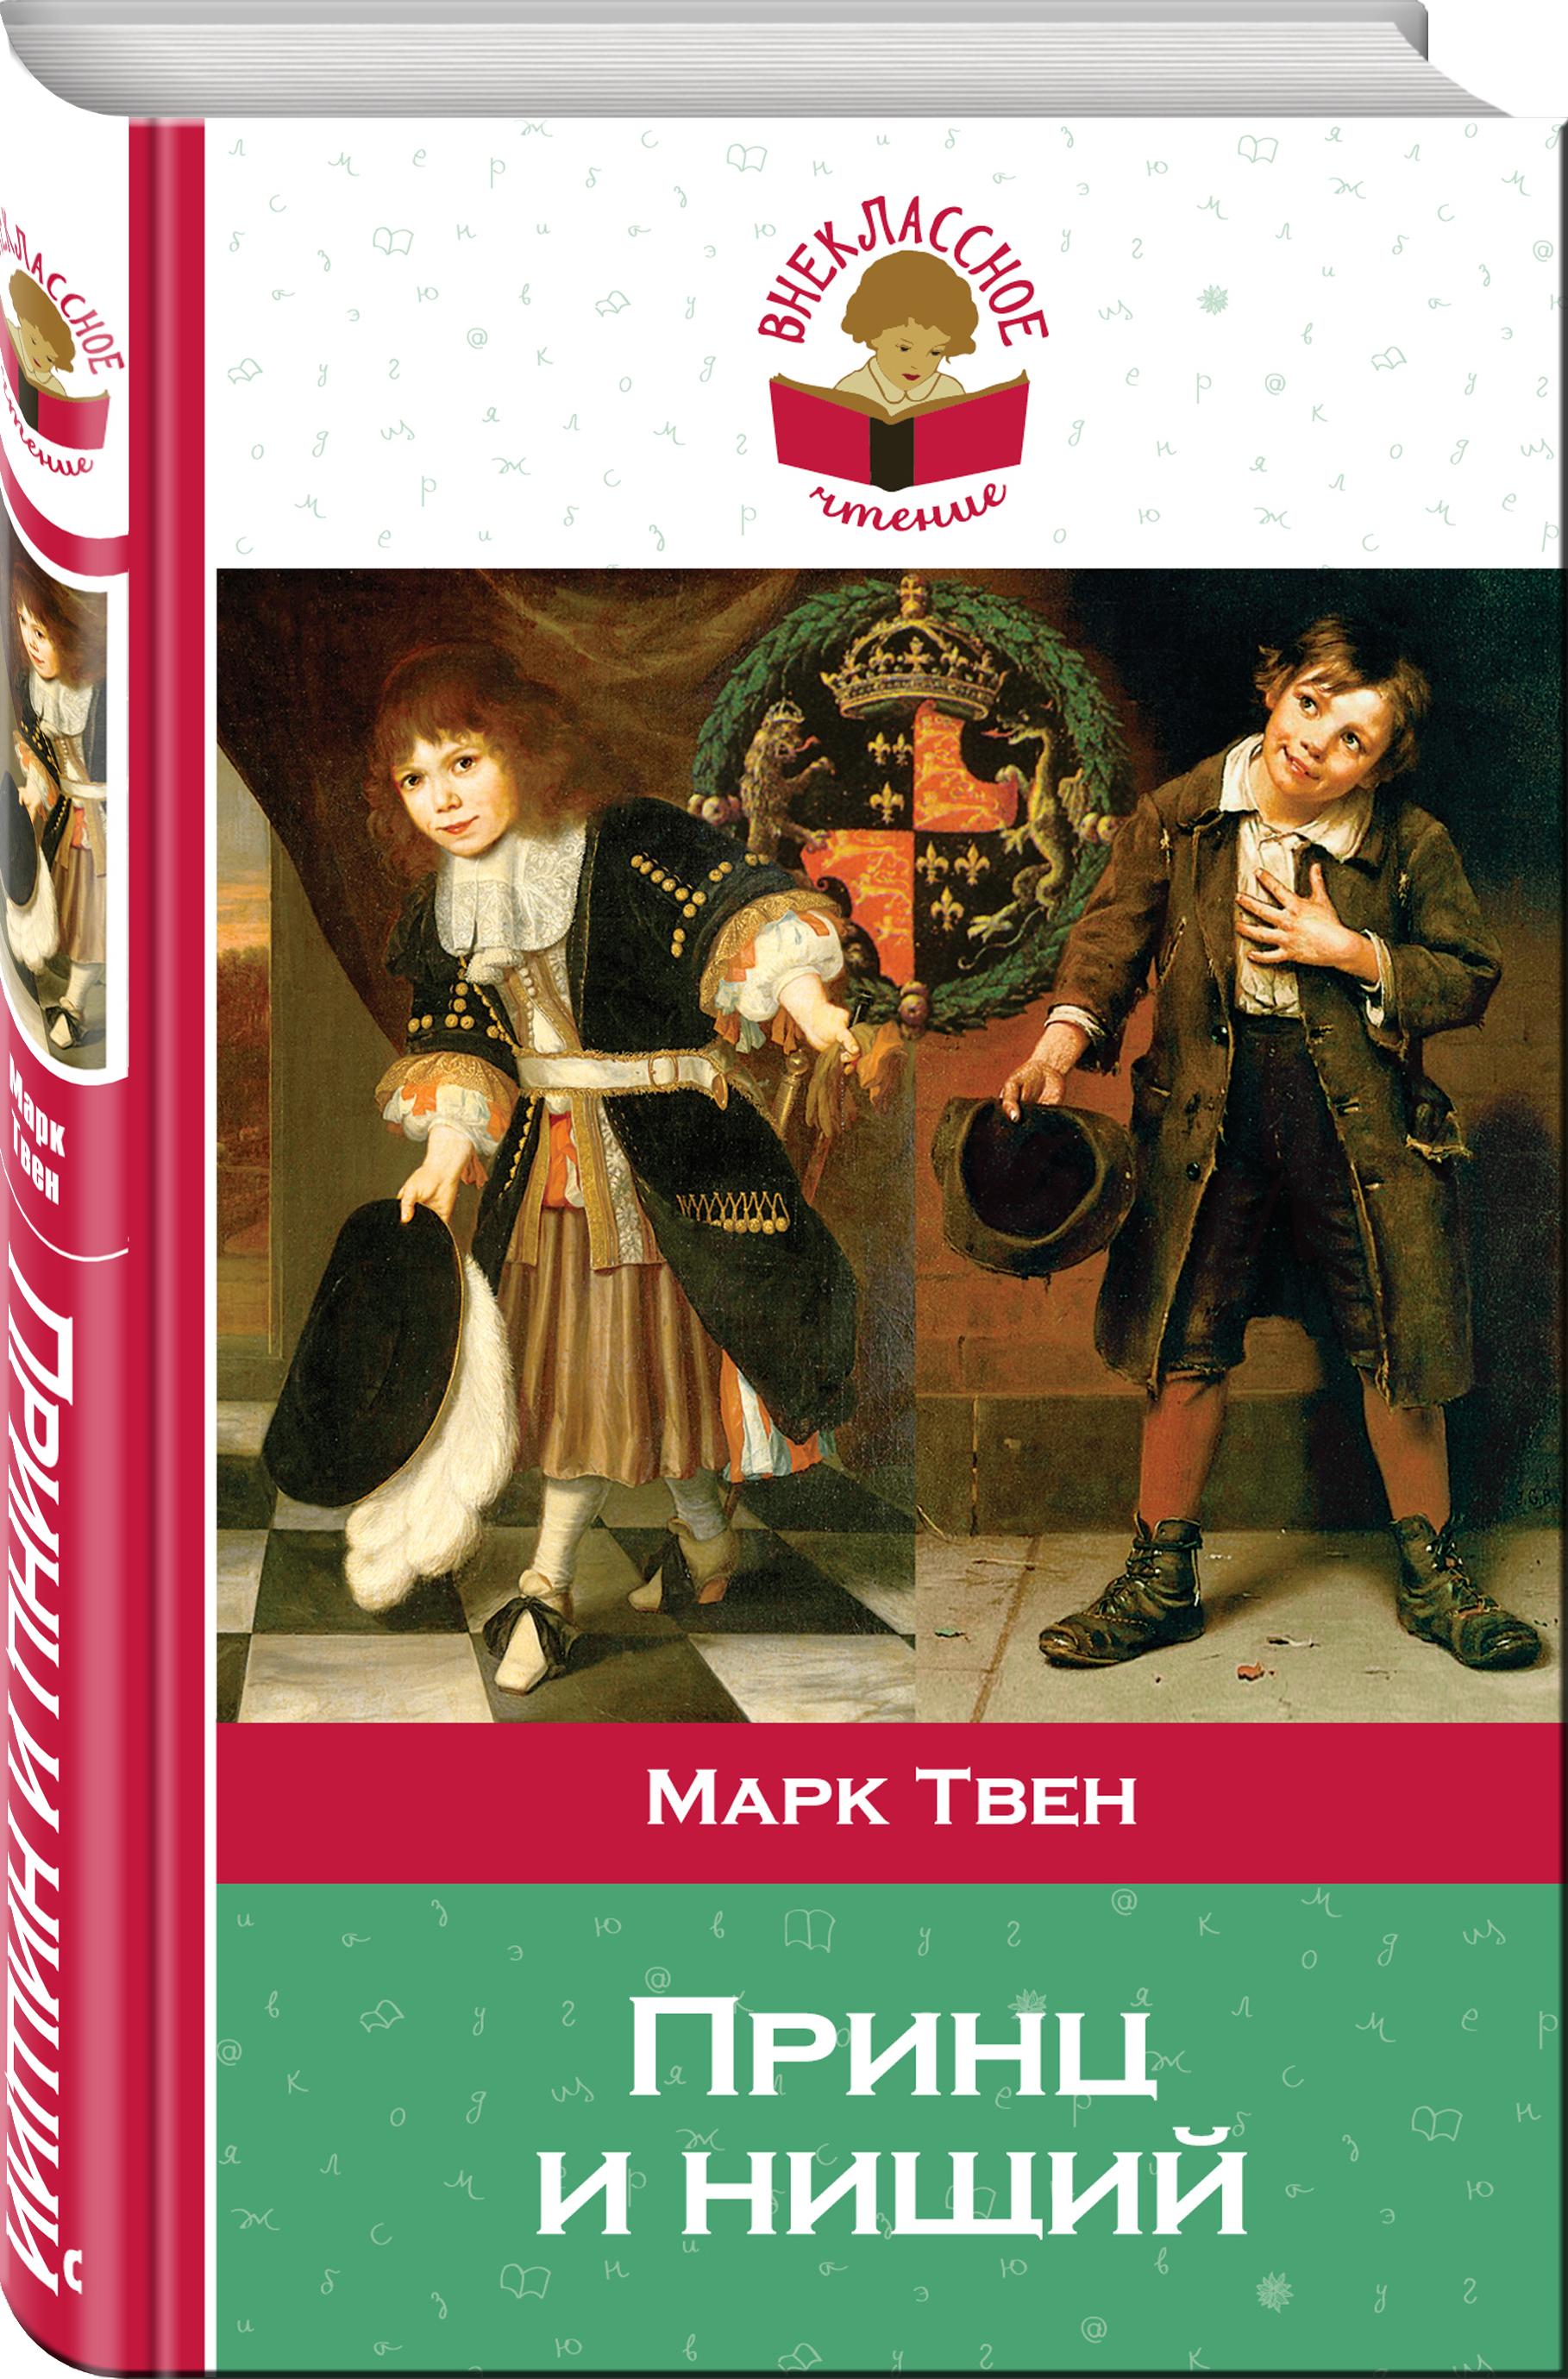 где купить Твен М. Принц и нищий ISBN: 978-5-04-094769-0 по лучшей цене